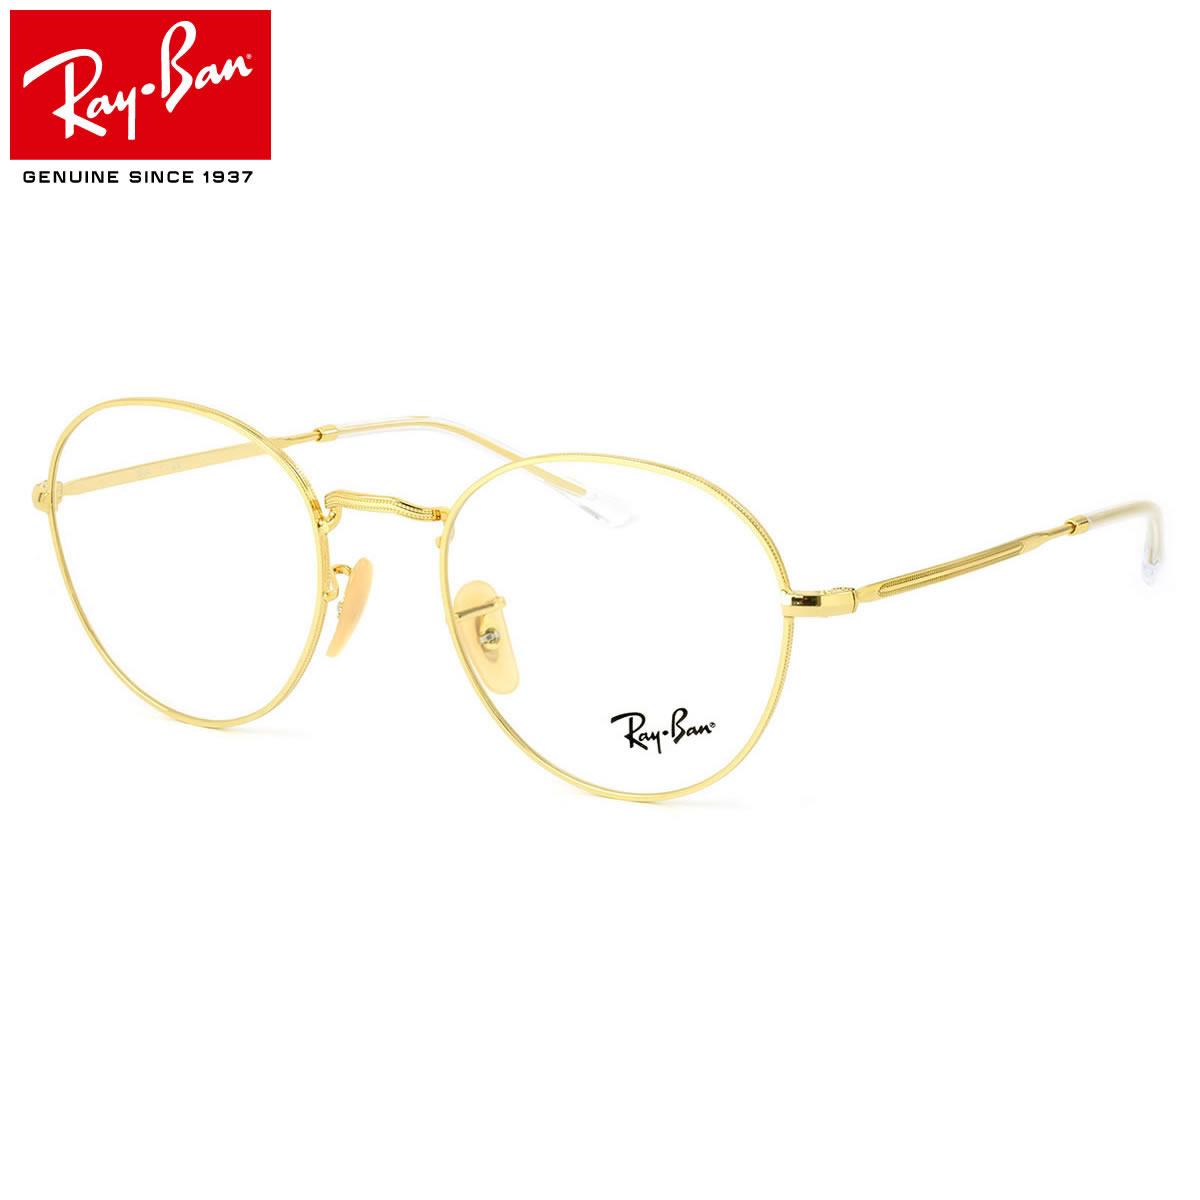 Ray-Ban レイバン メガネ RX3582V 2500 49サイズ ROUND METAL ラウンドメタル 丸メガネ ラウンド トレンド レイバン RayBan メンズ レディース